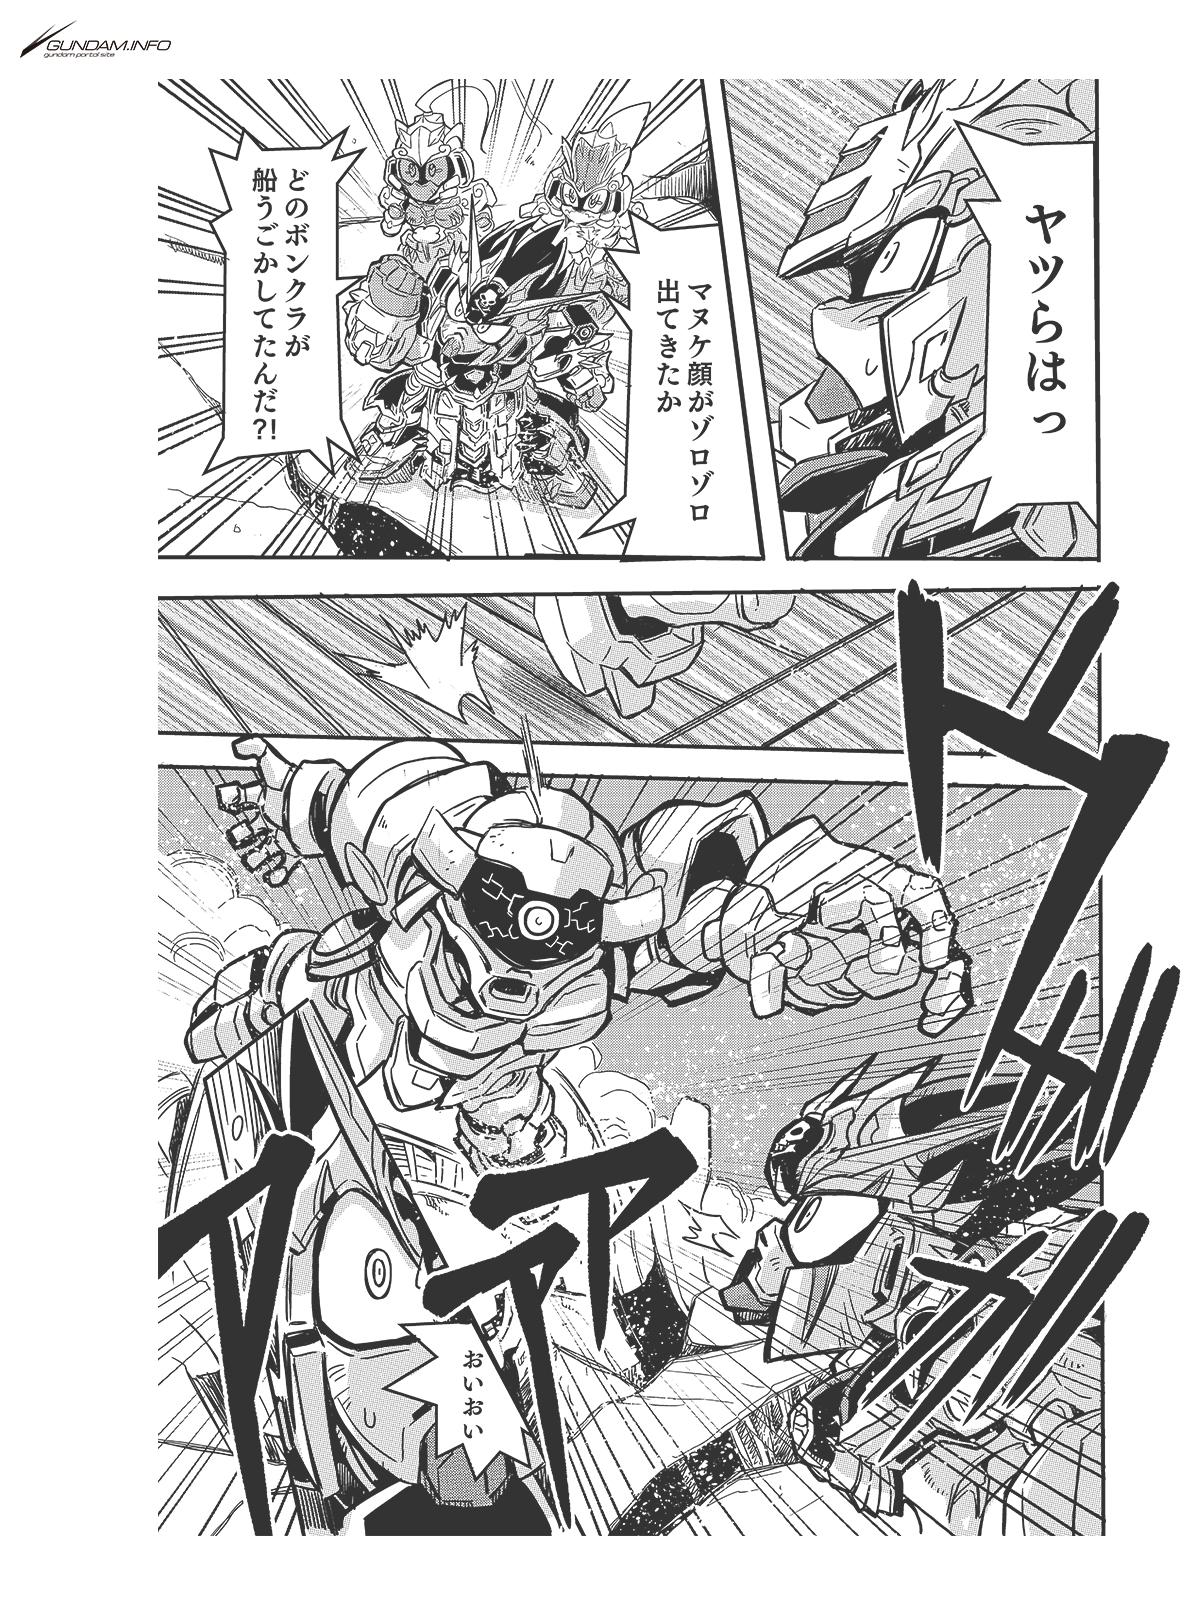 SDガンダムワールド 三国創傑伝 焔虎譚 第5話 P15